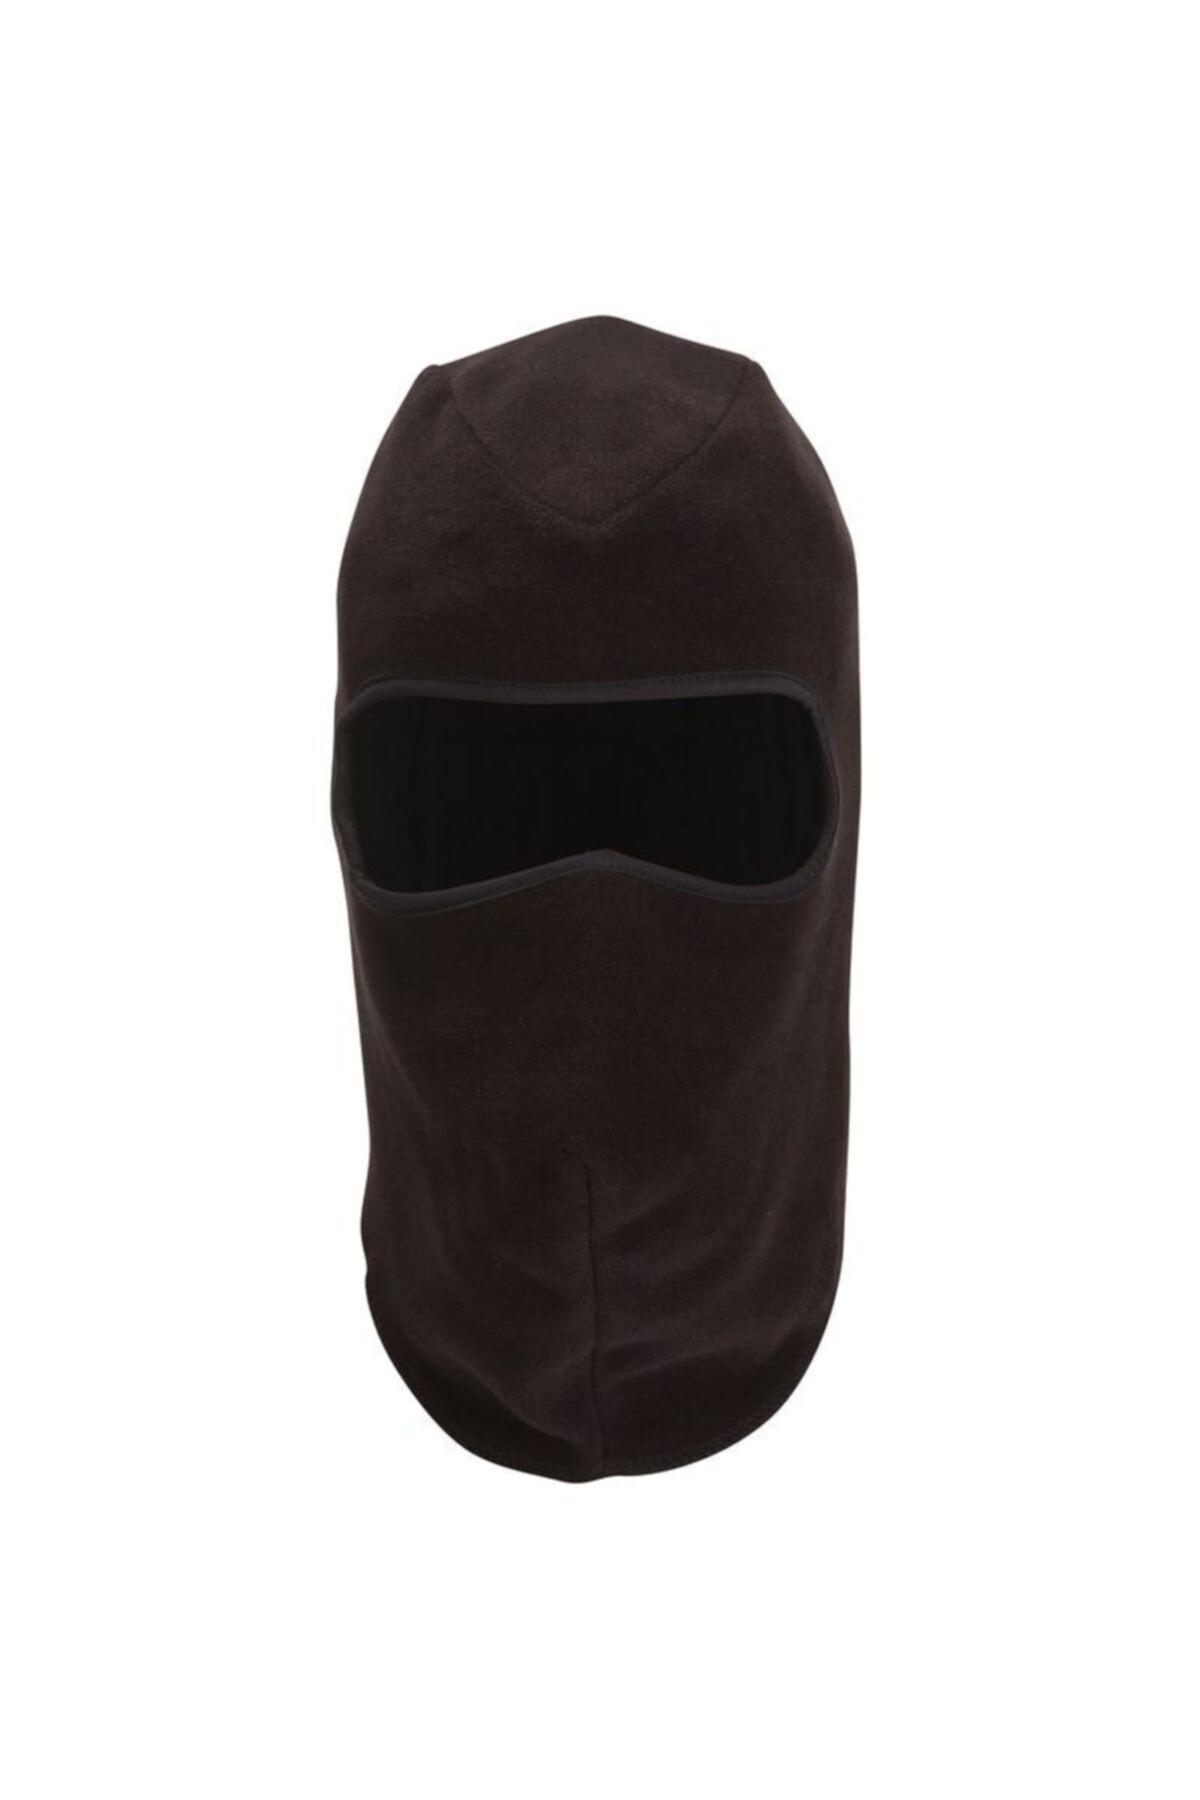 WEDZE Kayak Maskesi Siyah Baş Burun Ve Boyunda Koruma Sağlar 2